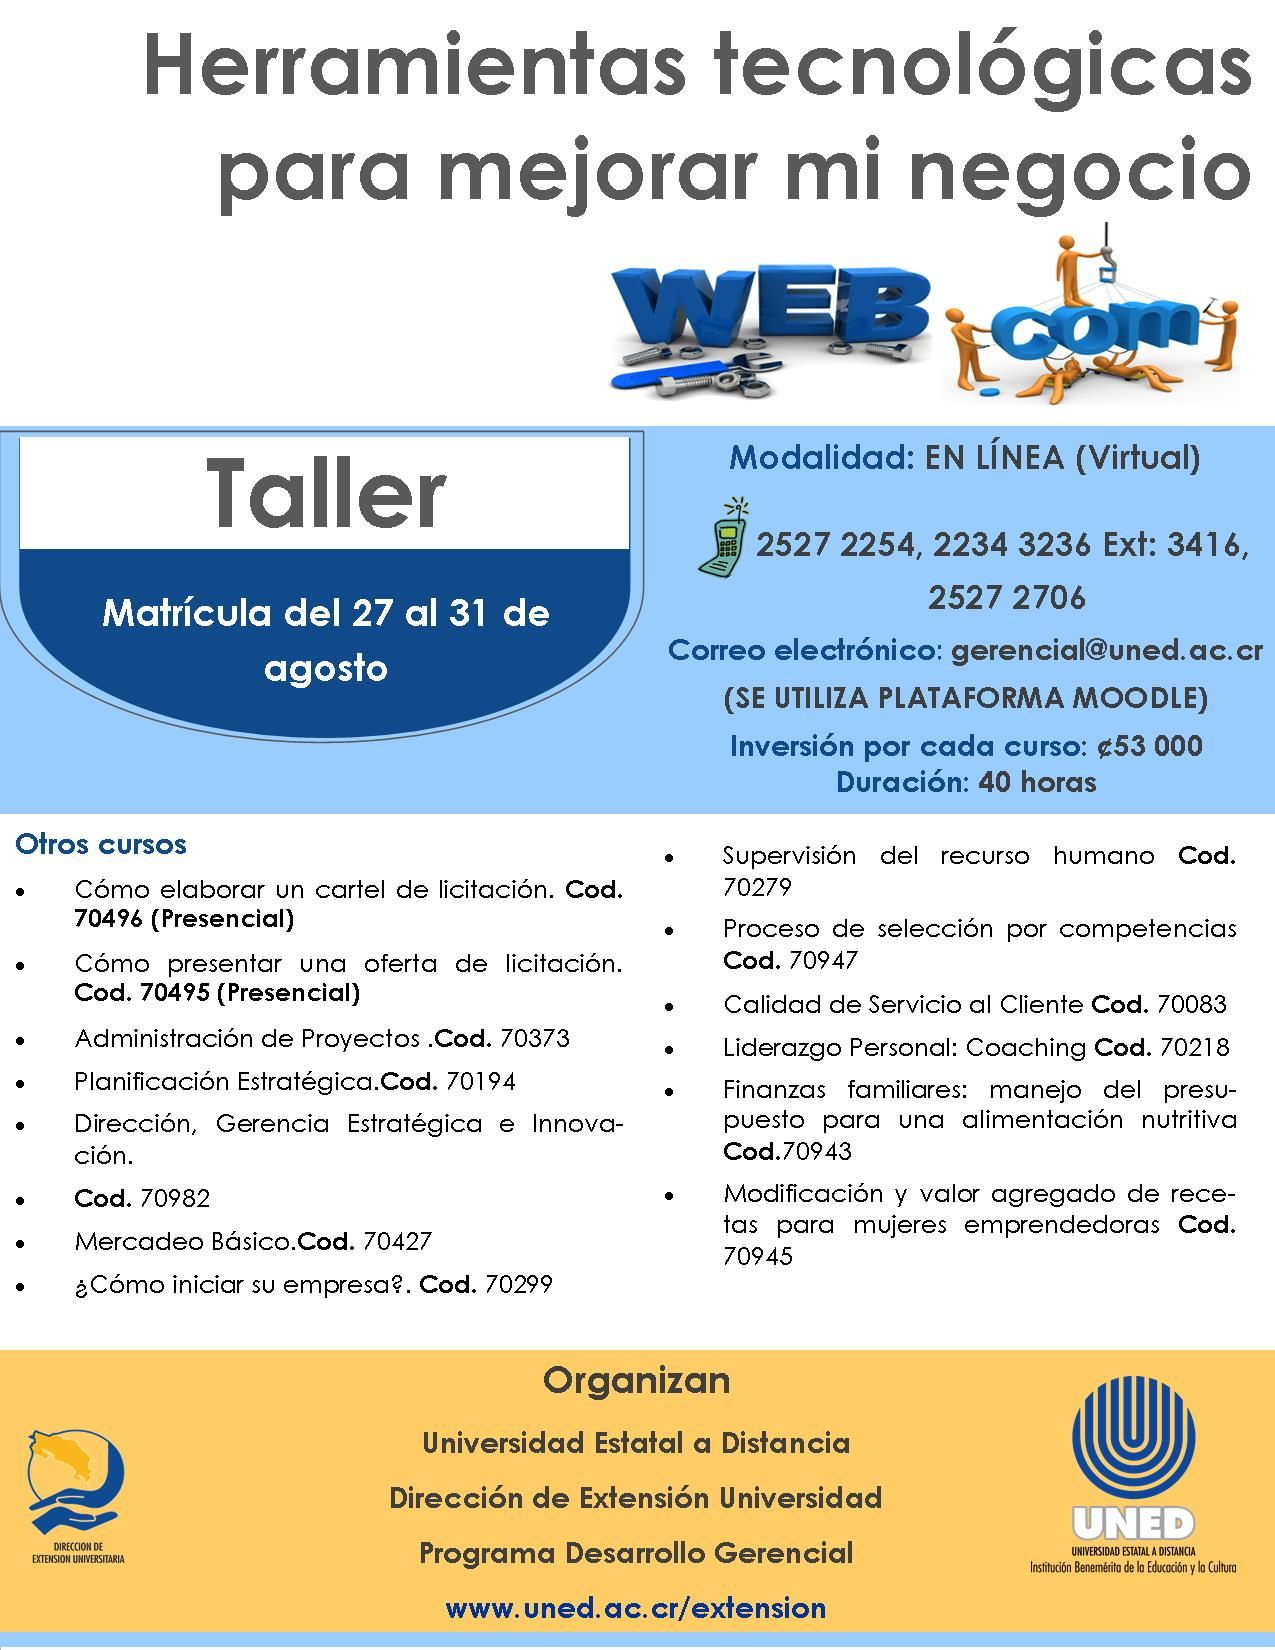 Taller Herramientas Tecnológicas Para Mejorar Mi Negocio Organiza Programa De Desarrollo Gerencial Uned Http Www Uned Ac Cr Extension